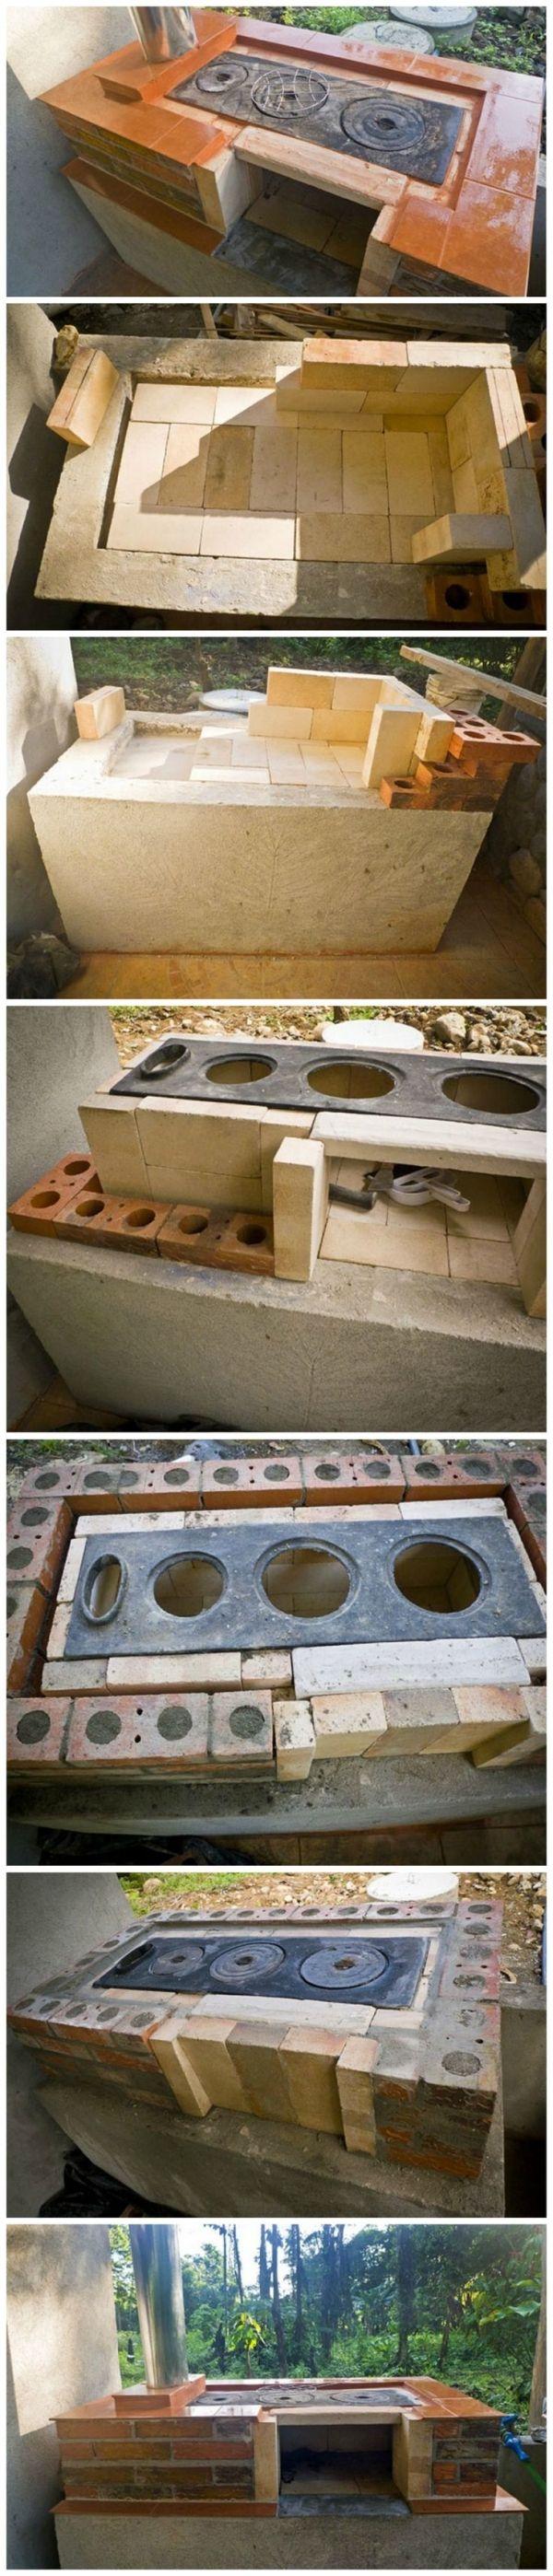 Comment construire votre propre poêle à bois, four, cuisinière, gril et fumeur en plein air par Rosemarie